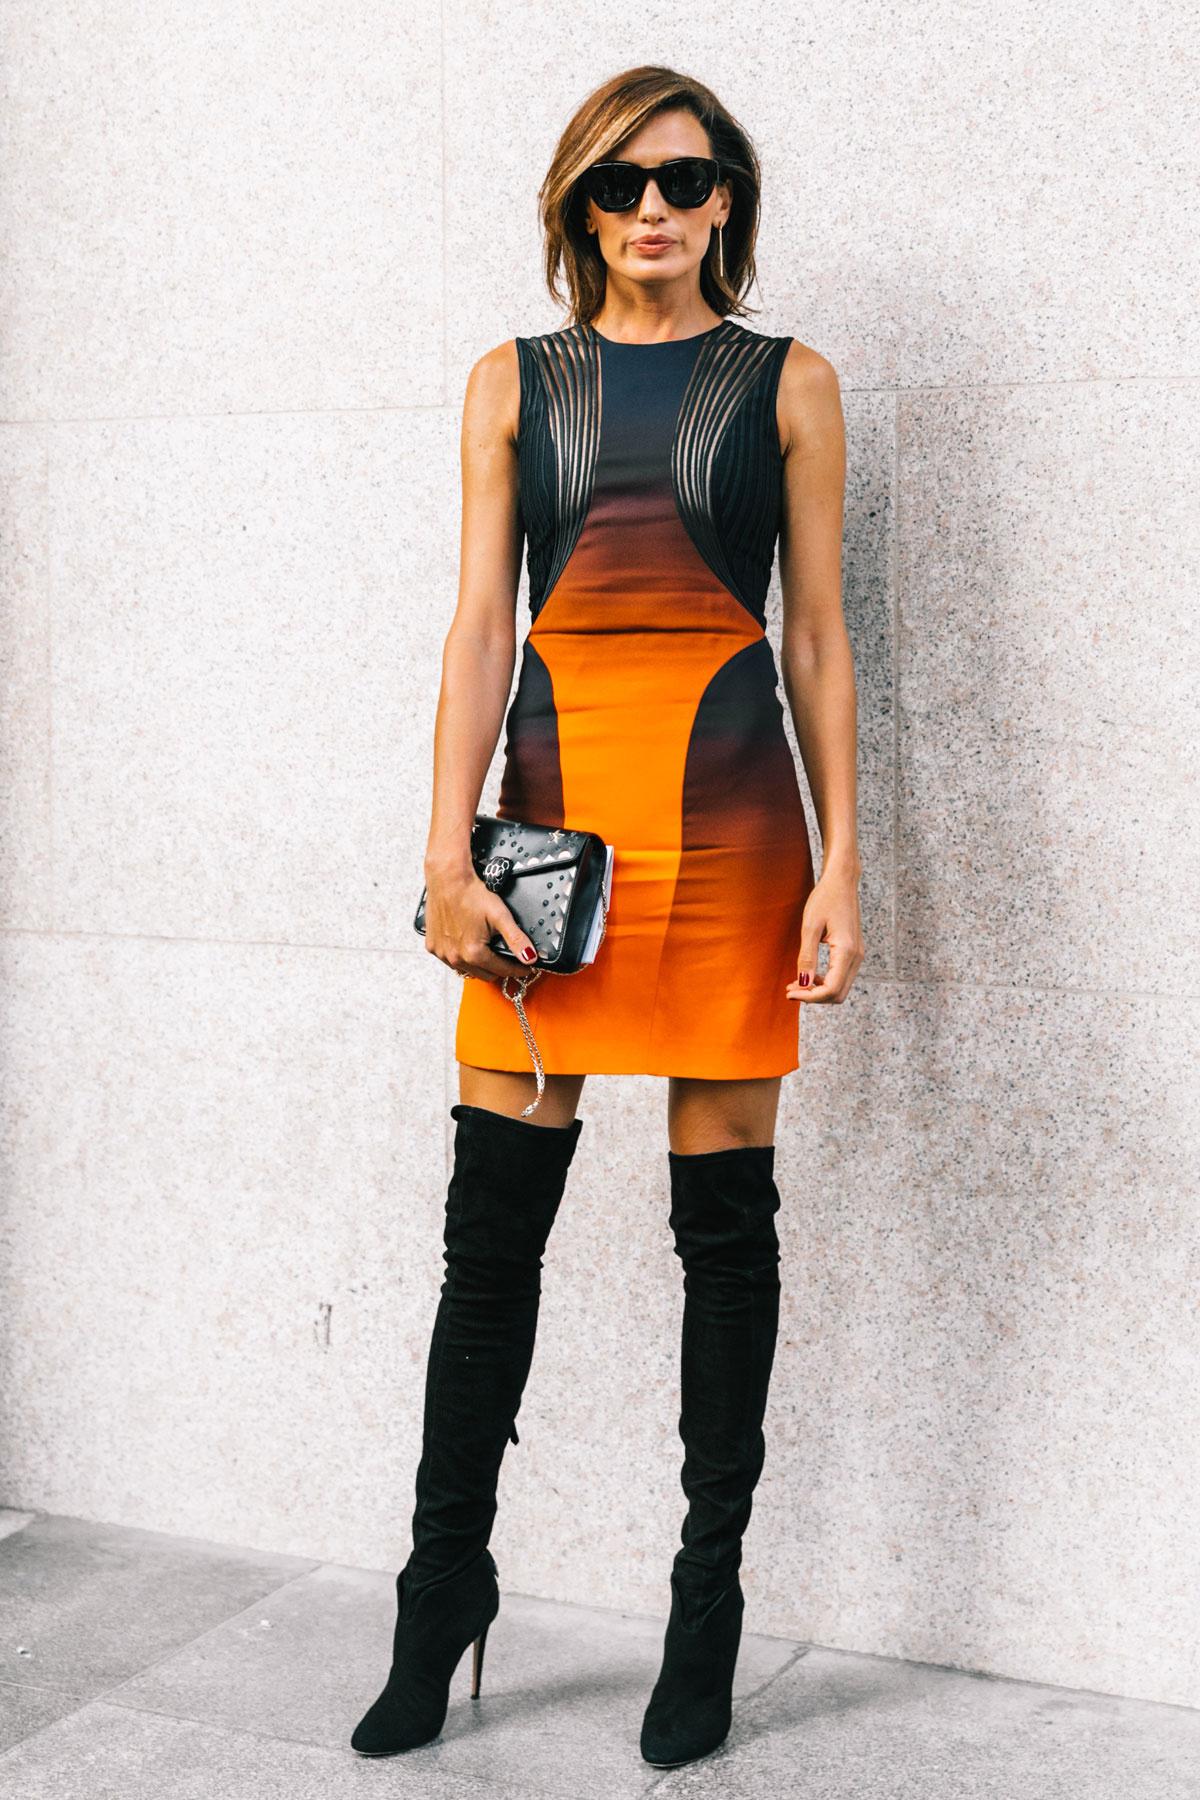 street_style_milan_fashion_week_dia_3_versace_giorgio_armani_494904180_1200x1800